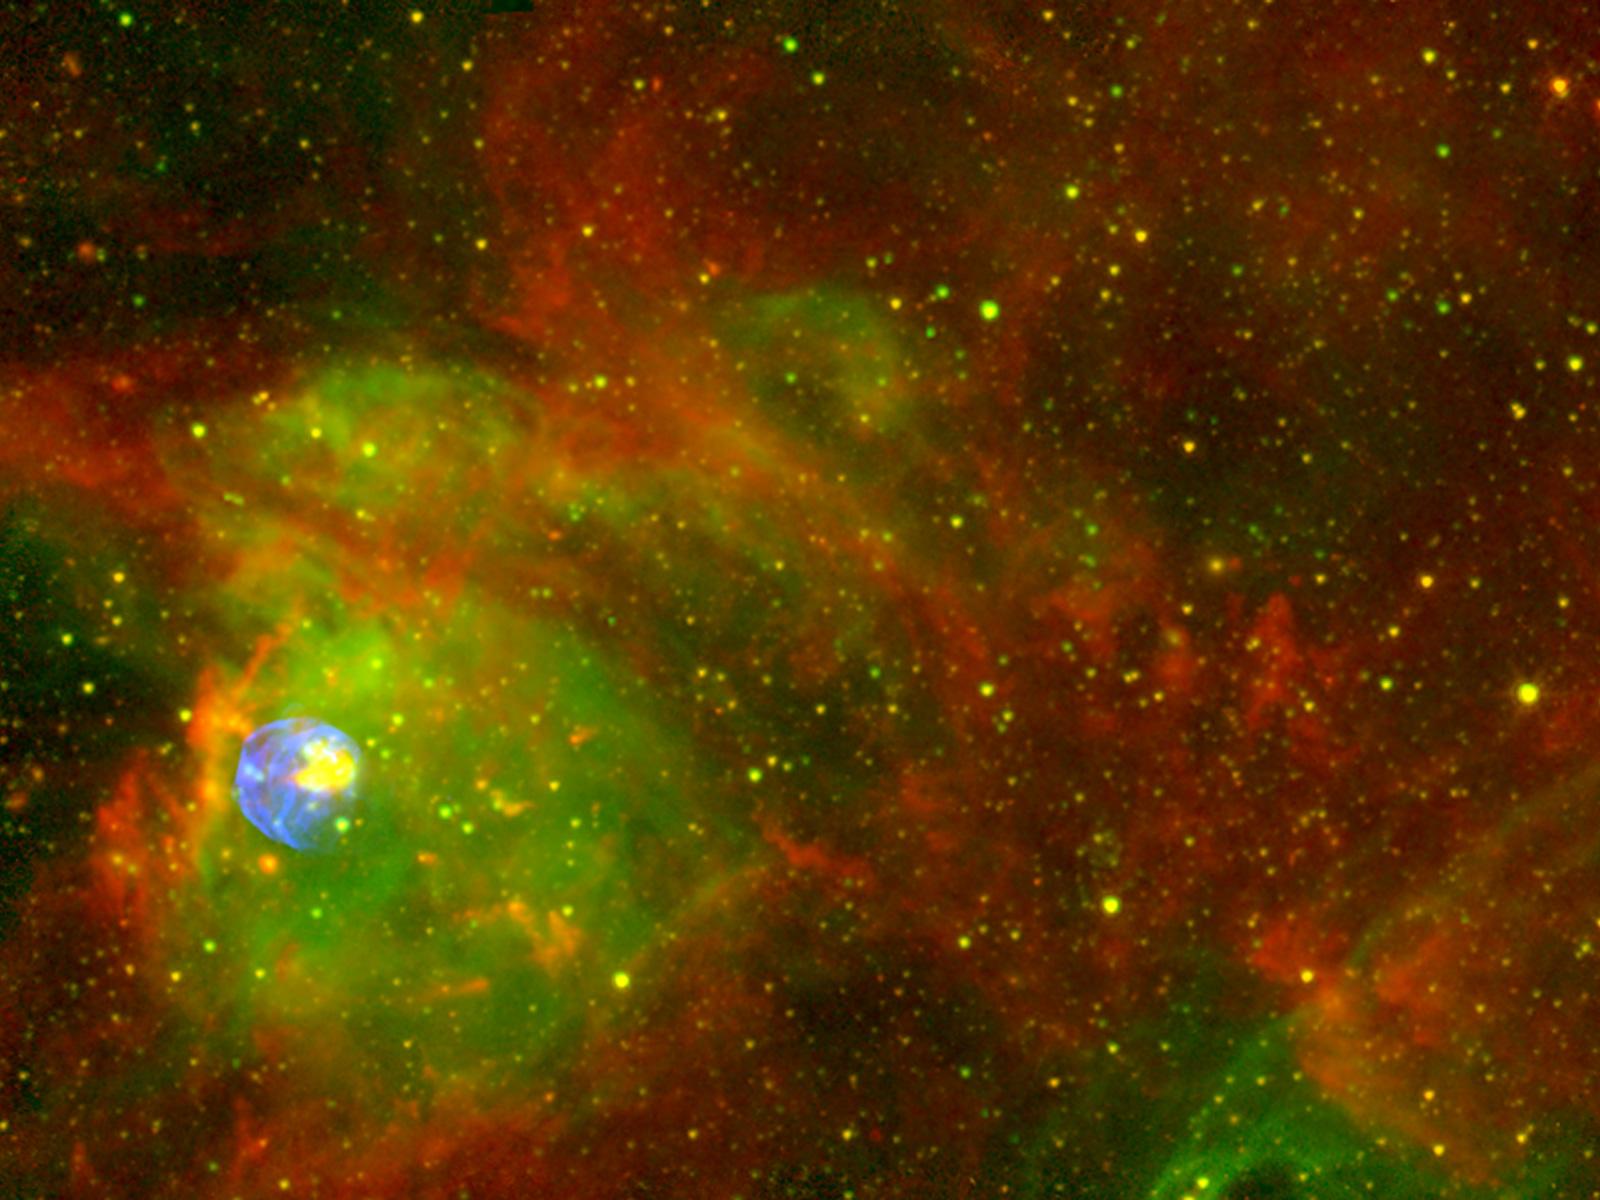 Hubble Wallpaper - Space Wallpaper (748089) - Fanpop